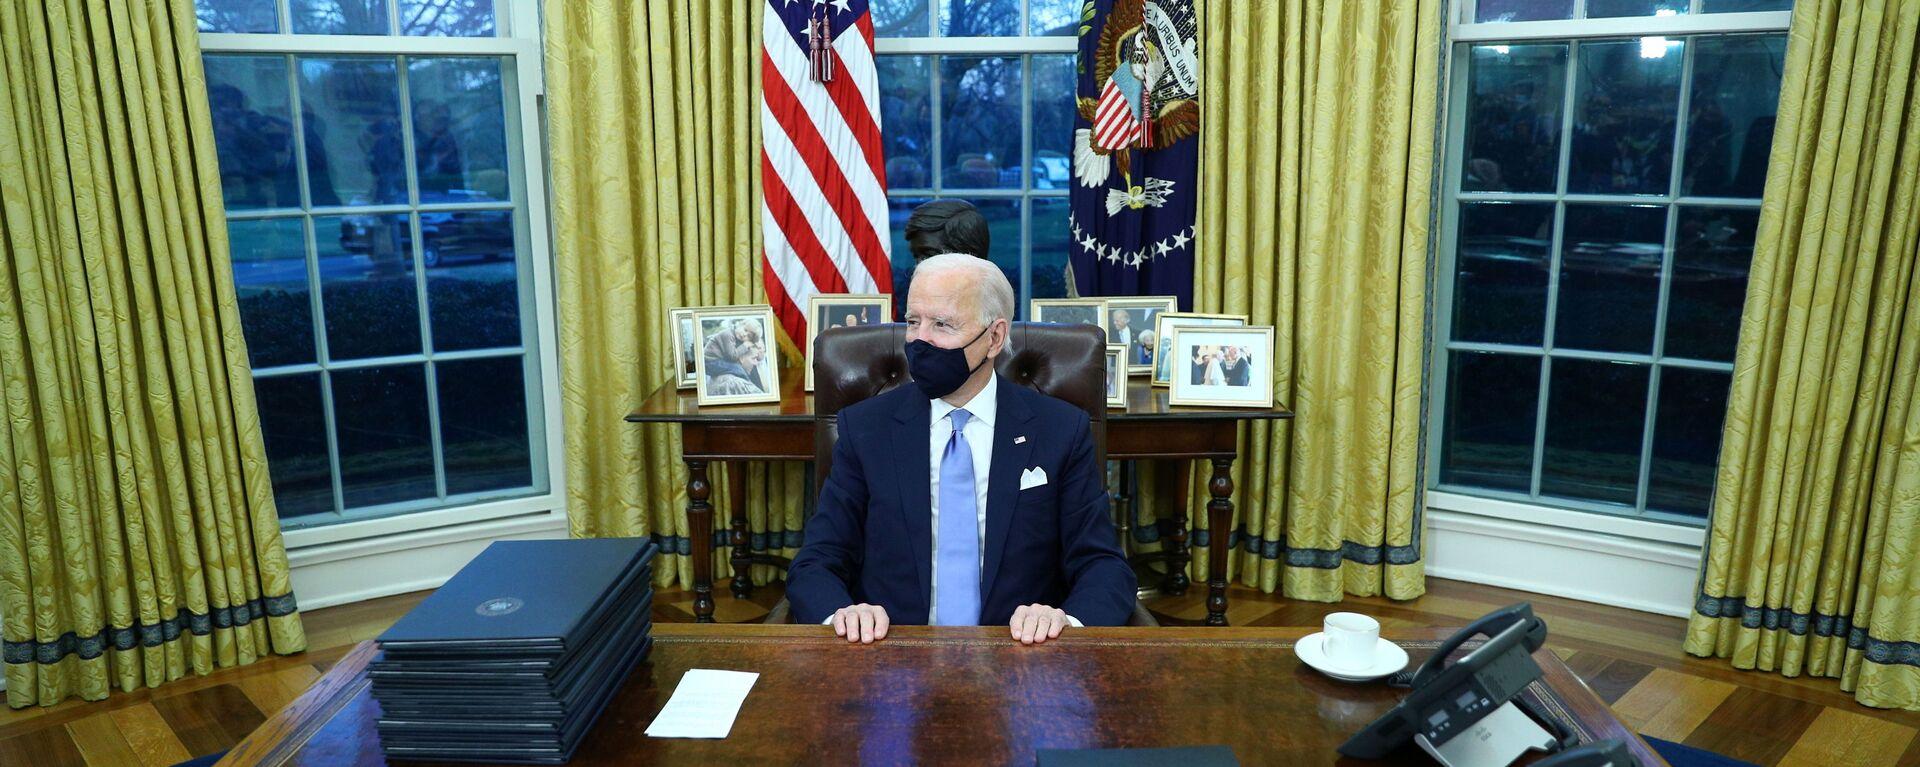 Президент США Джо Байден в Овальном кабинете в Белом доме - Sputnik Česká republika, 1920, 28.07.2021